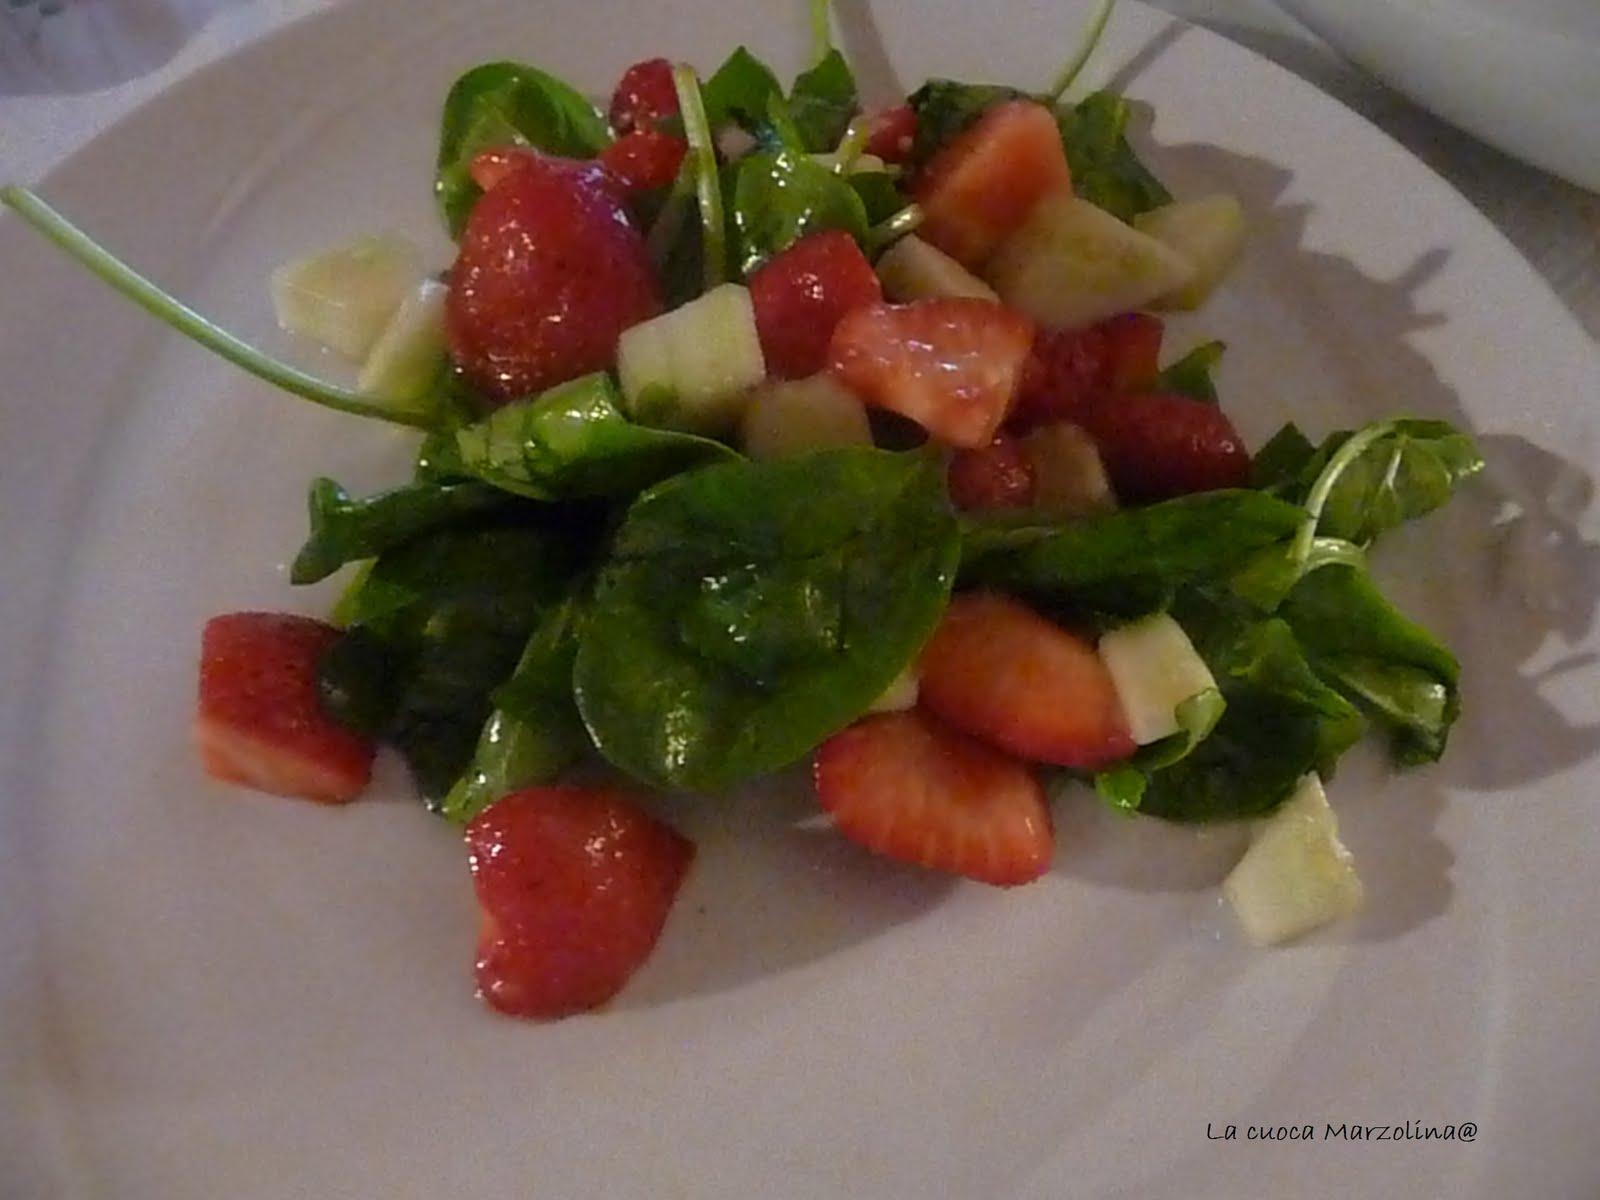 La cuoca marzolina insalata di fragole cetrioli e for Cucinare cetrioli